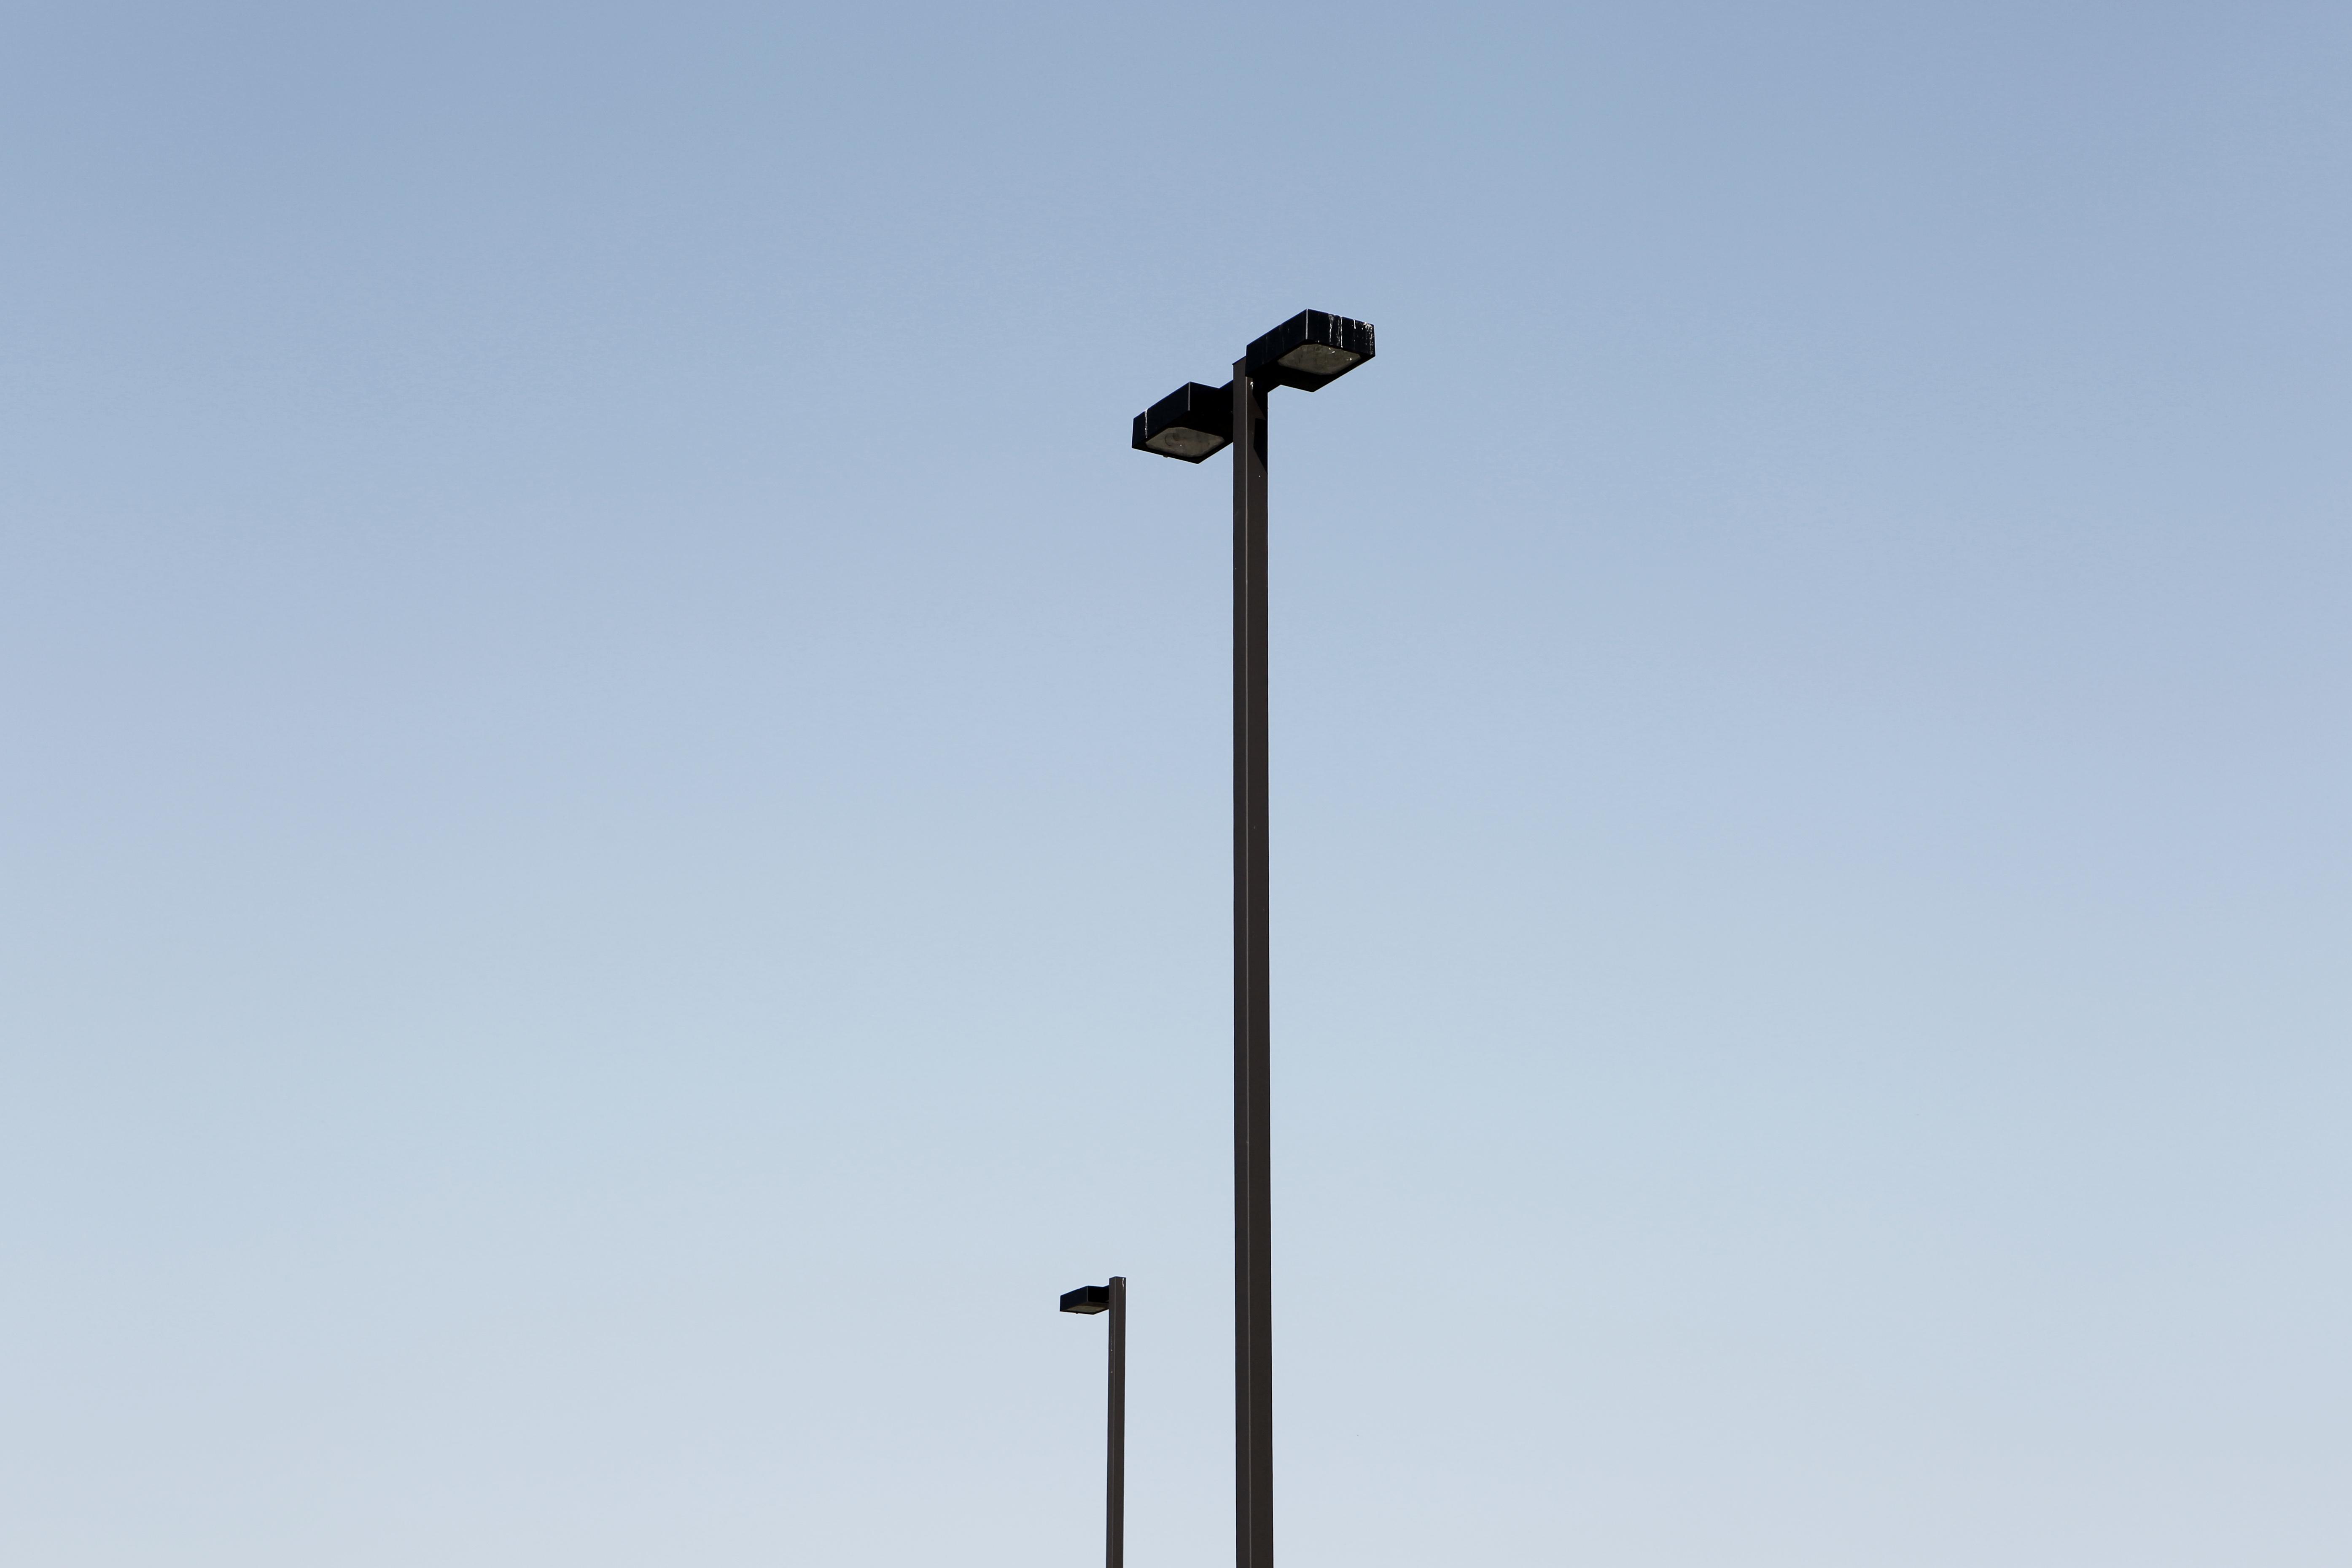 Lamps, Light, Poles, HQ Photo